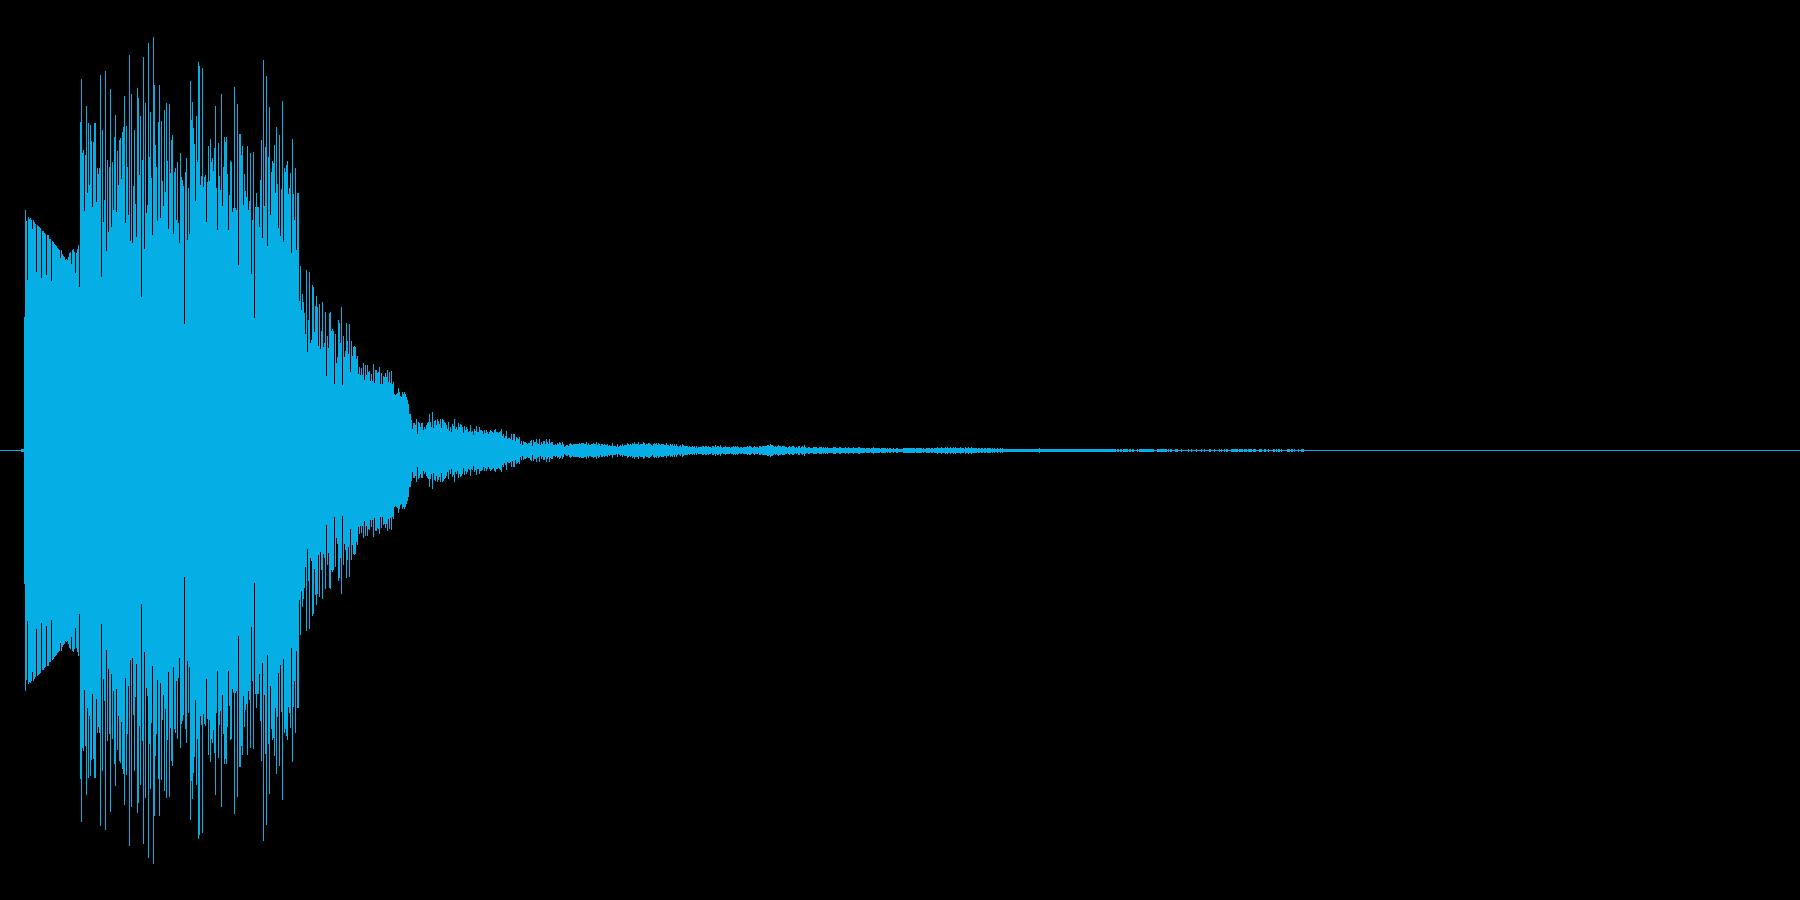 シンプルなシンセ、上昇フレーズの決定音の再生済みの波形